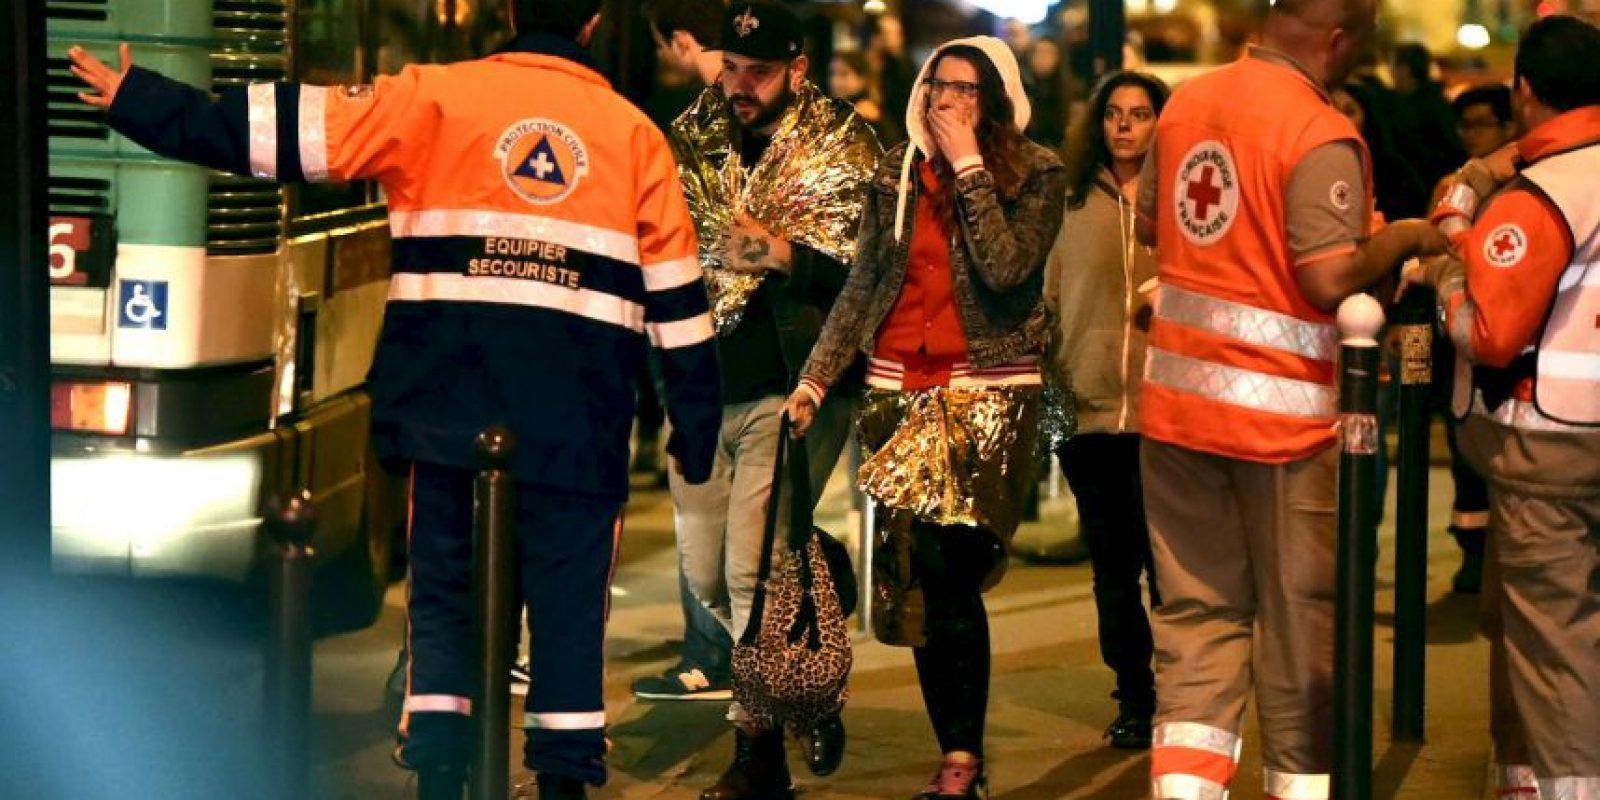 Más de 300 resultaron heridas en los ataques que se atribuyó el Estado Islámico. Foto:Getty Images